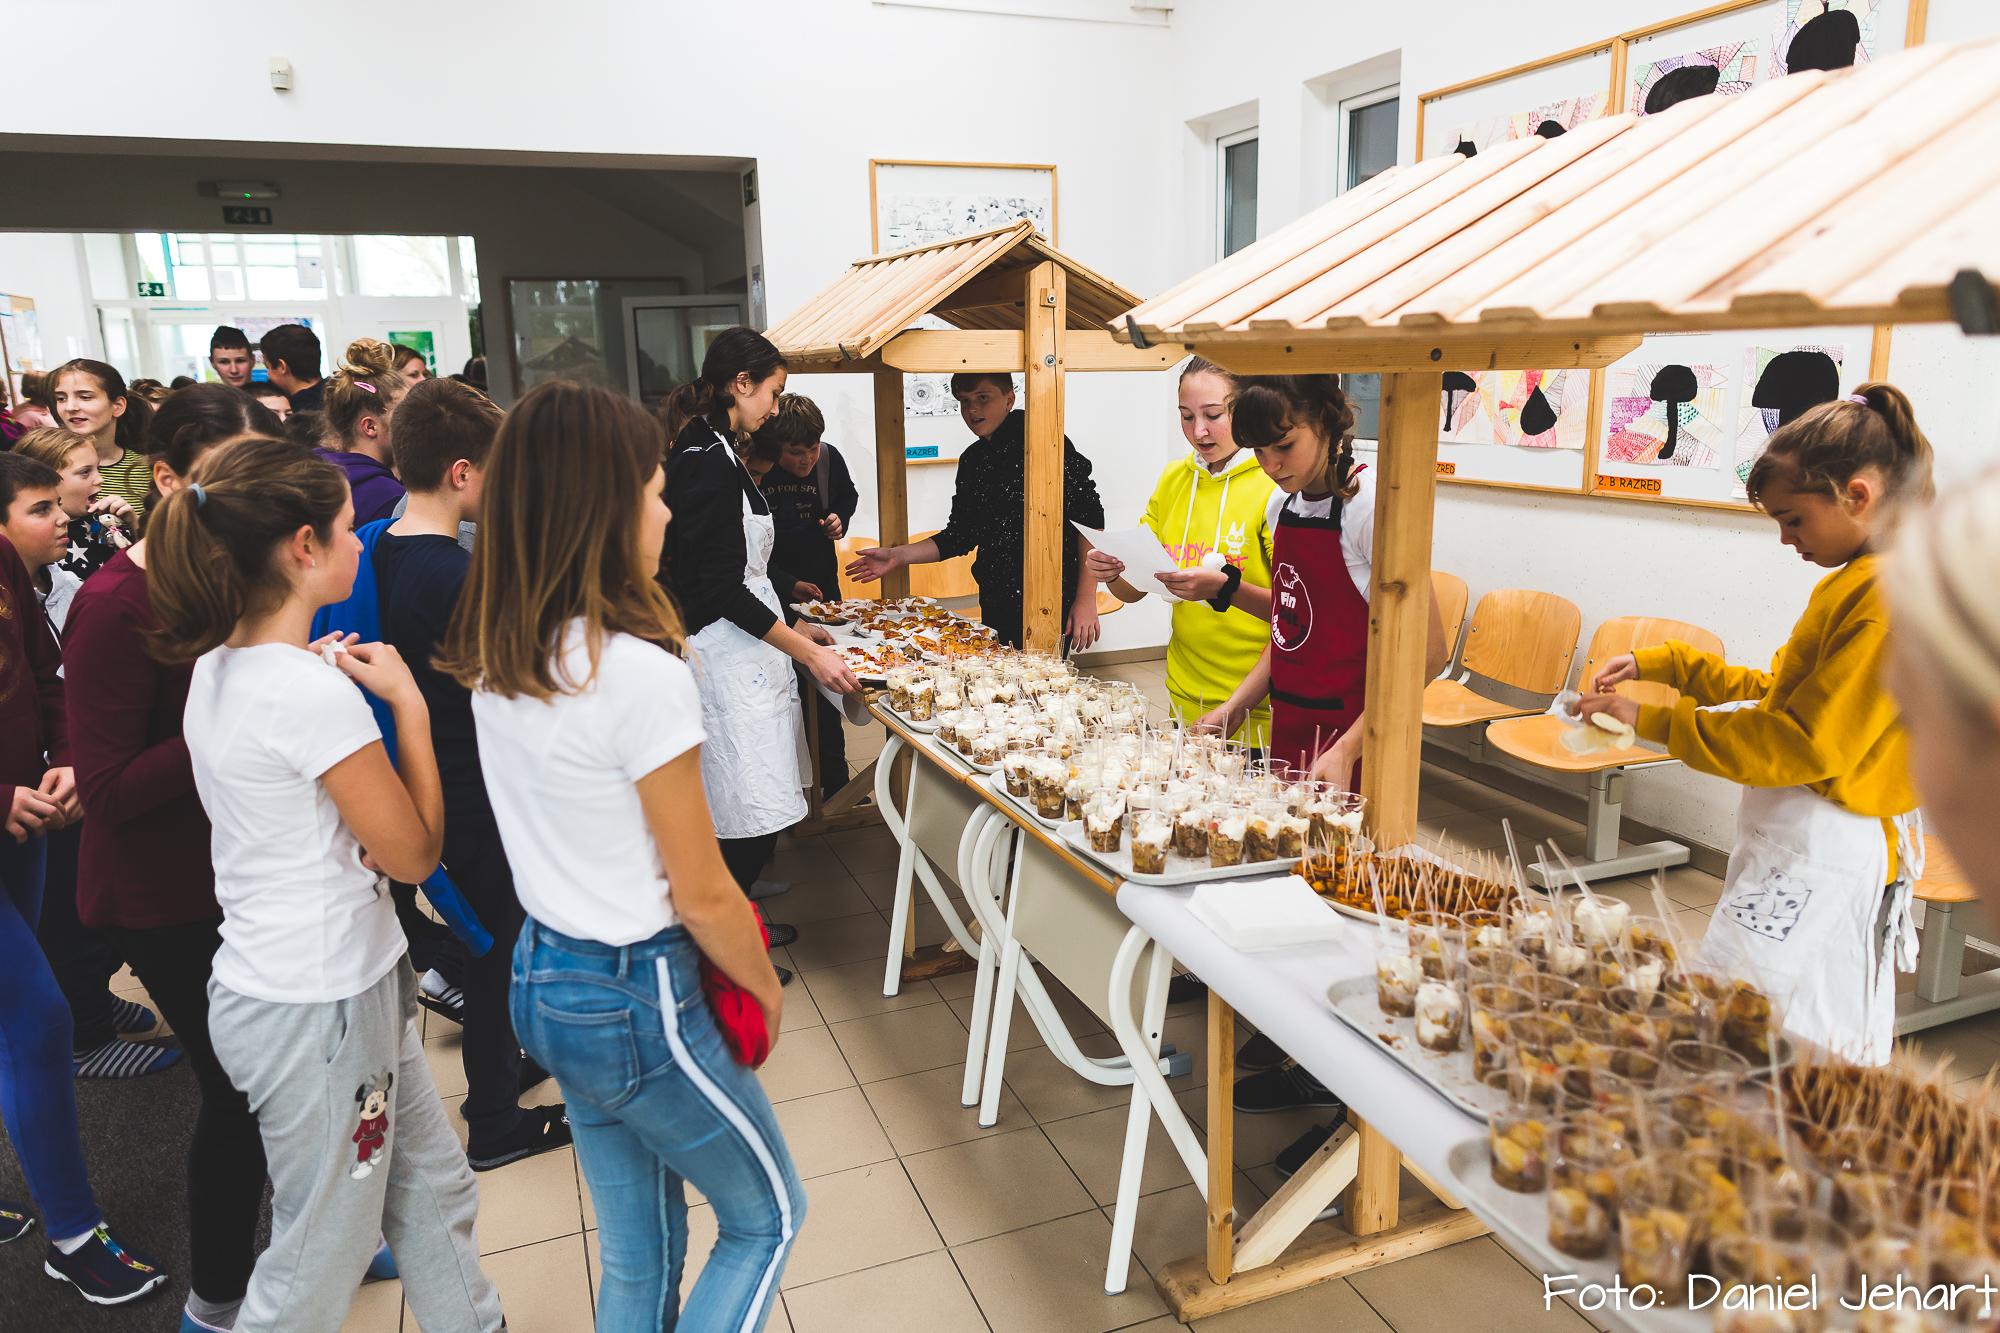 Degustacija zdravih jedi na OŠ Franca Lešnika Vuka Slivnica pri Mariboru; FOTO: Daniel Jehart